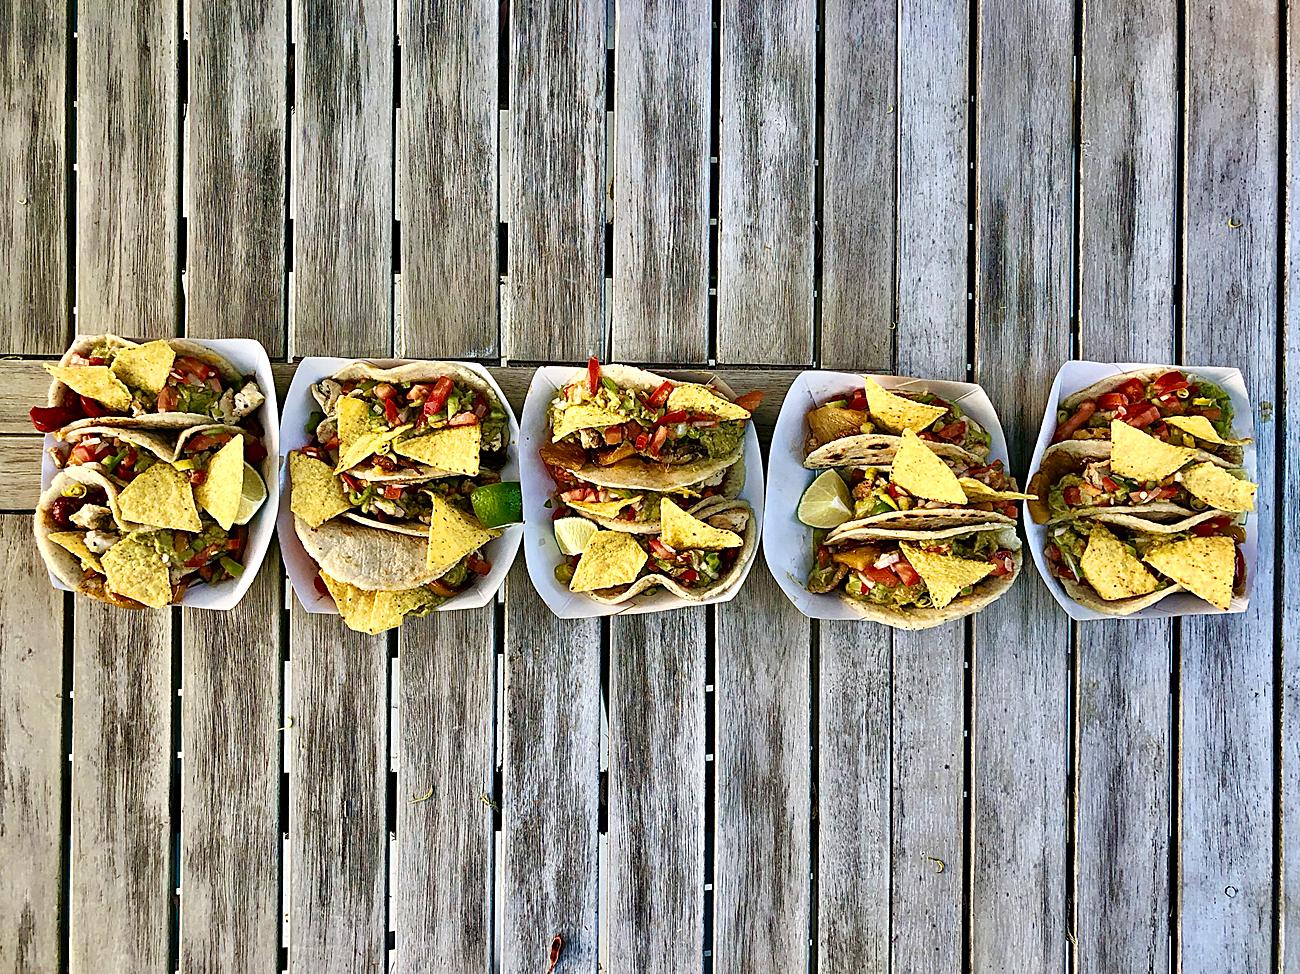 Tacos So Loco